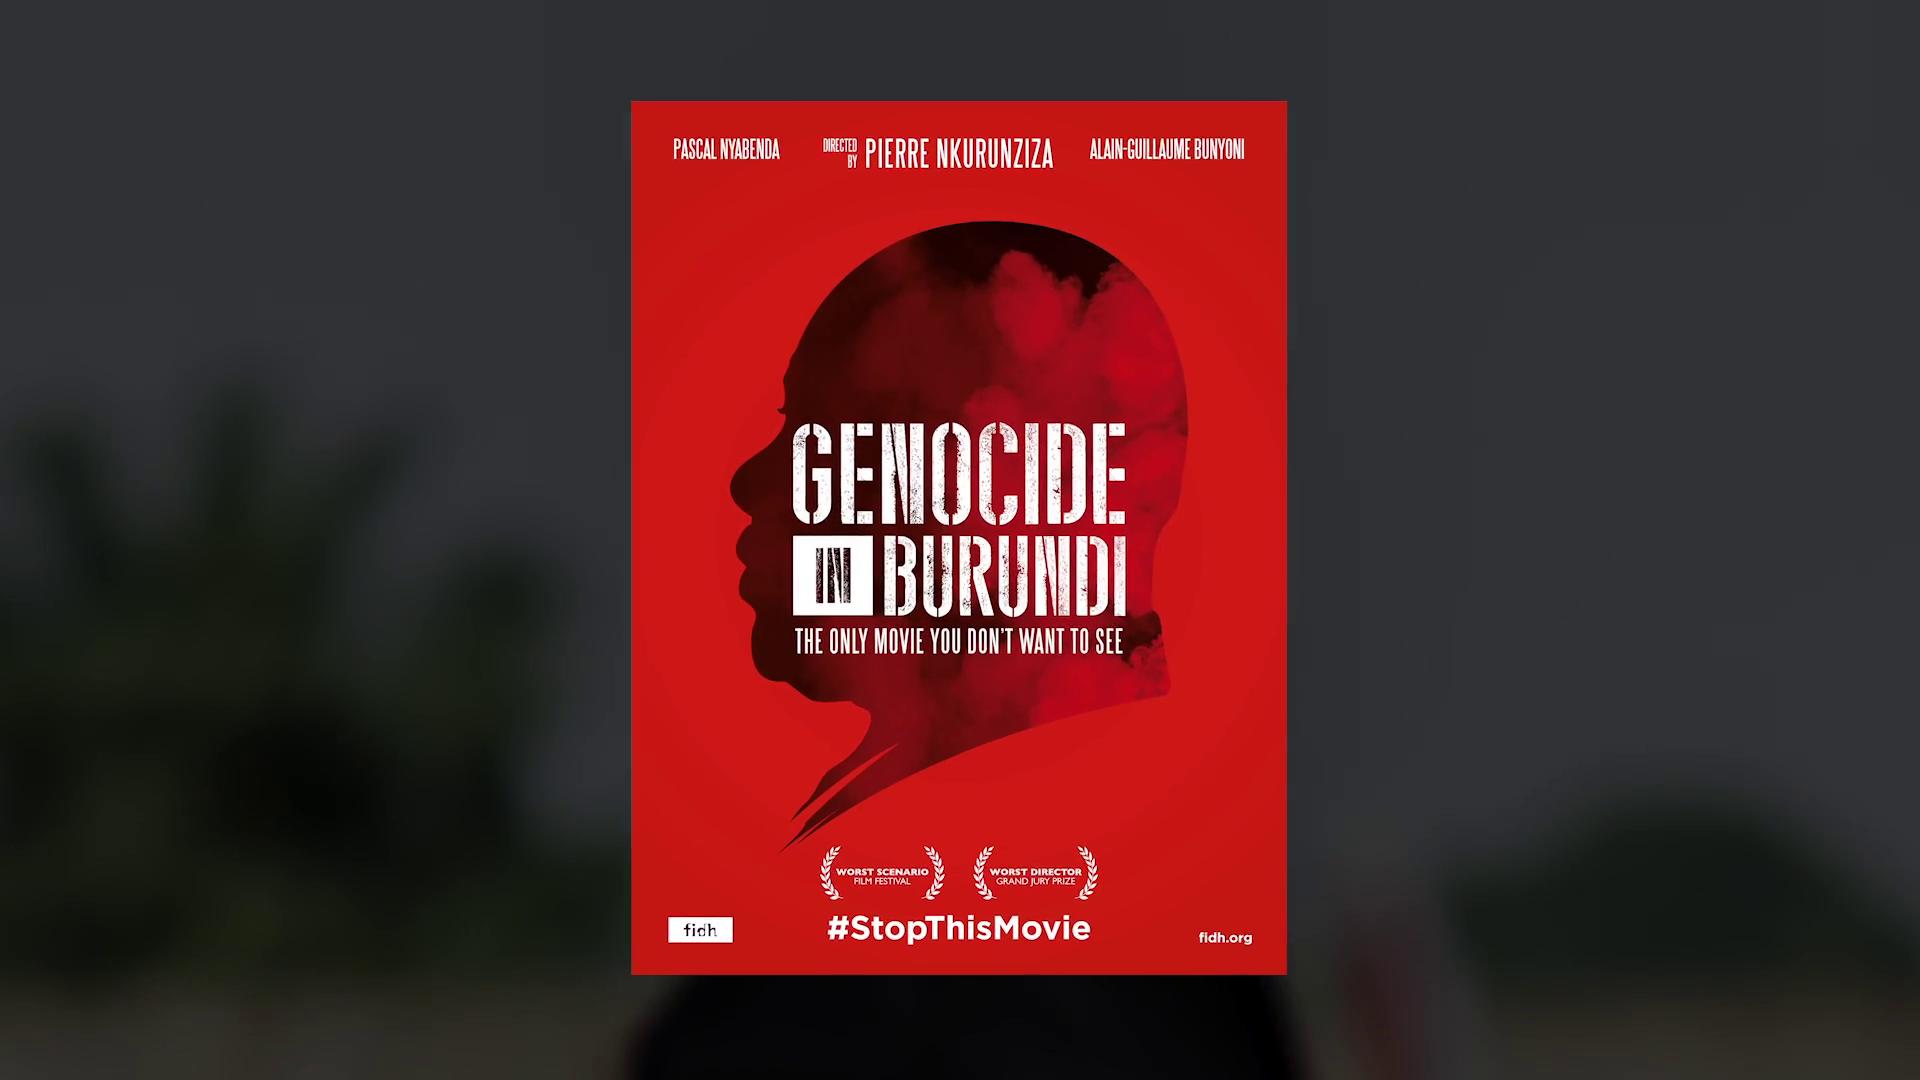 Thumbnail for #StopThisMovie - Genocide in Burundi